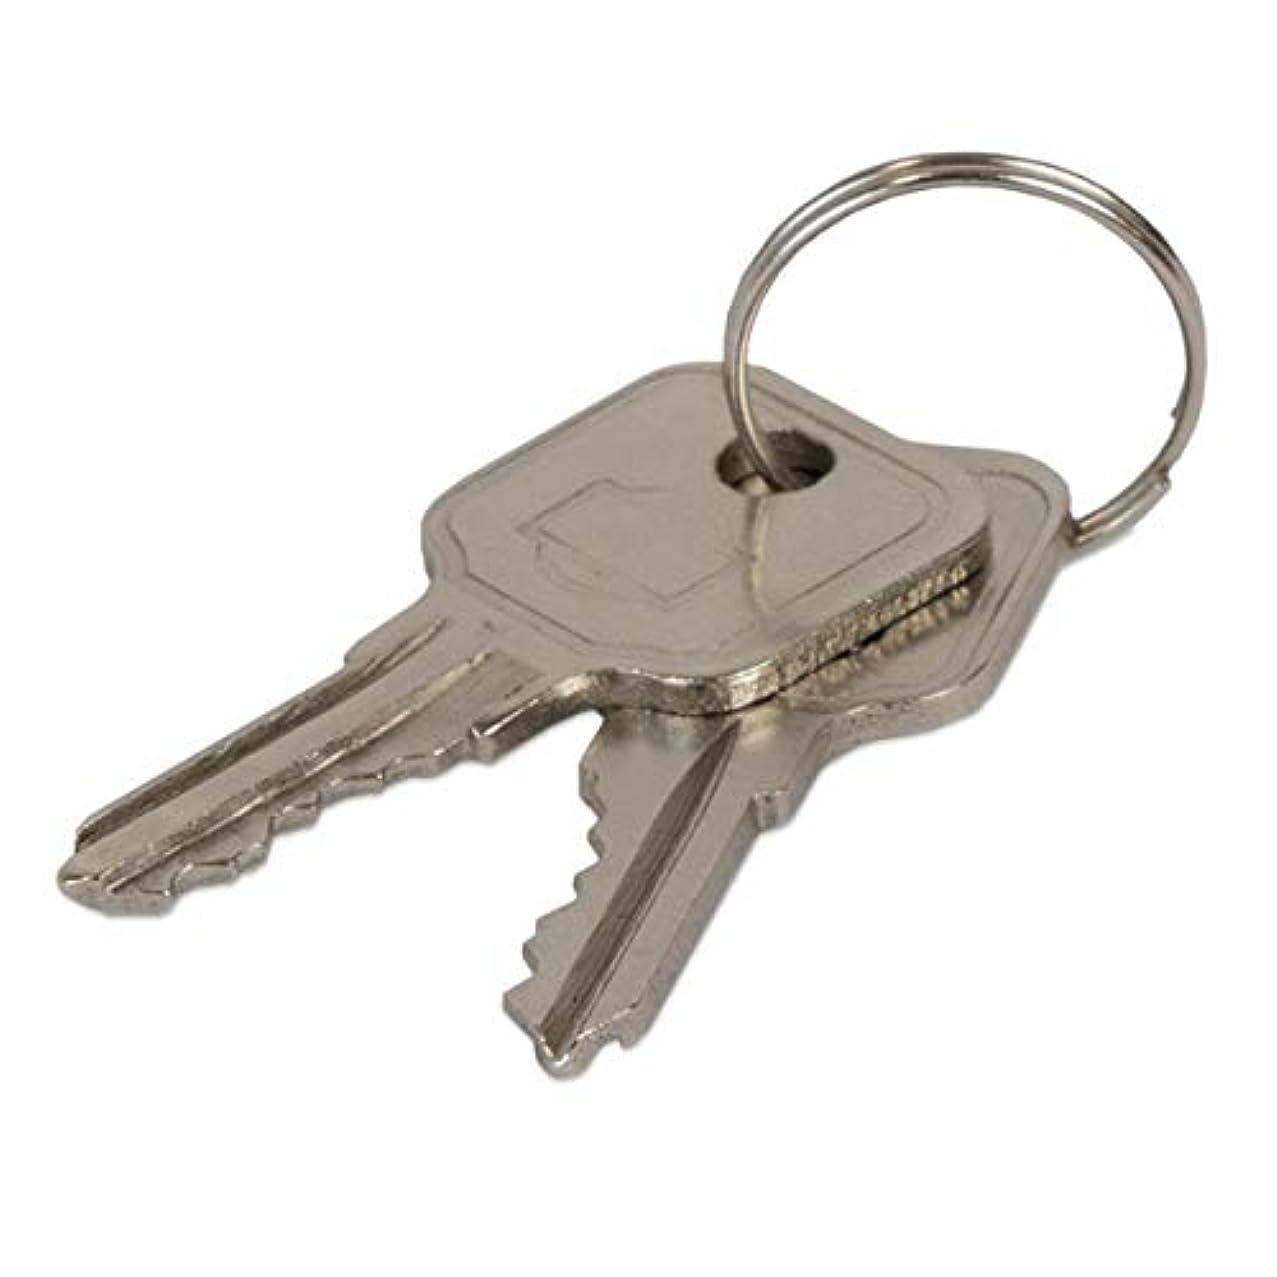 Spare Keys for ION Slide Cash Drawer (Key:016)